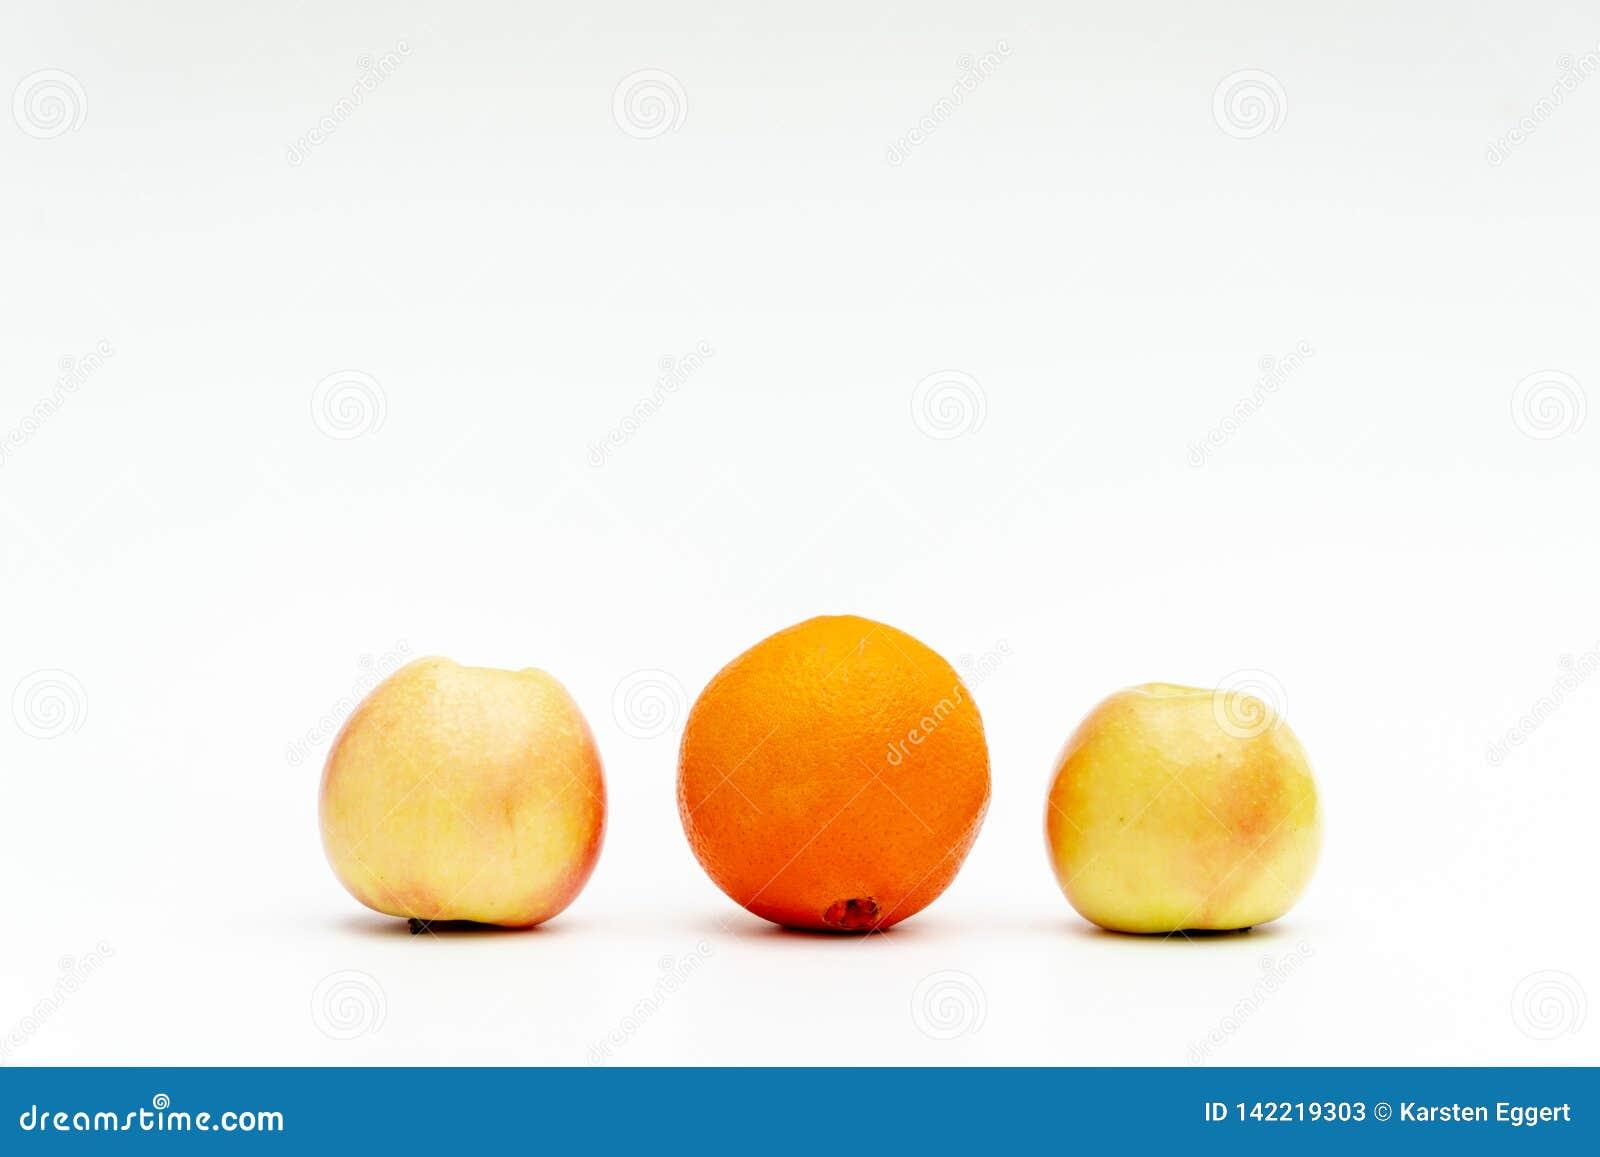 Разные виды плода символизируют разнообразие